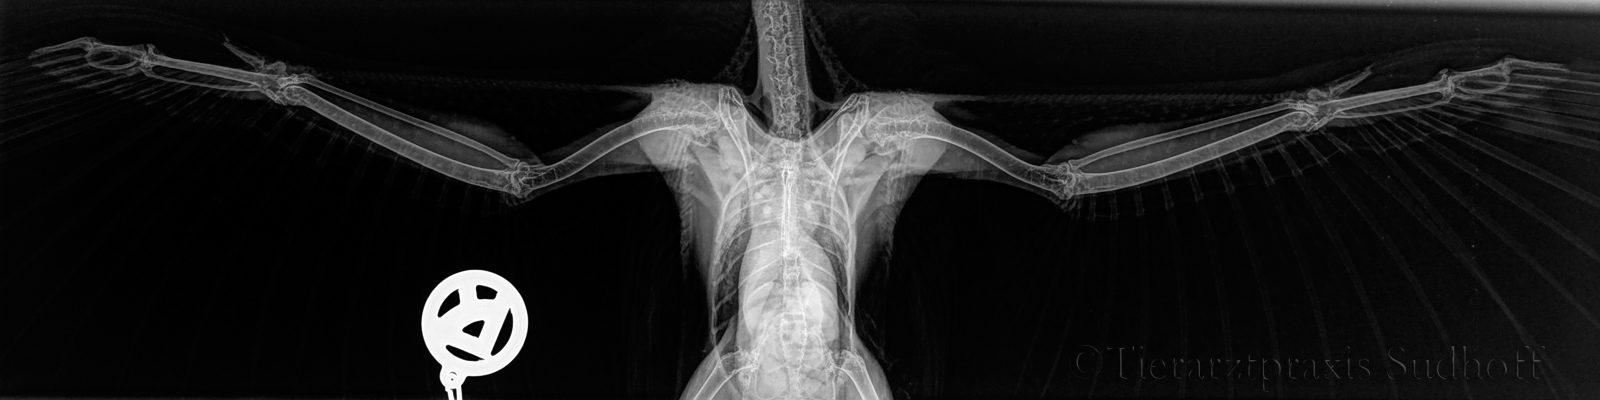 slider_roentgen_x-ray-jpg